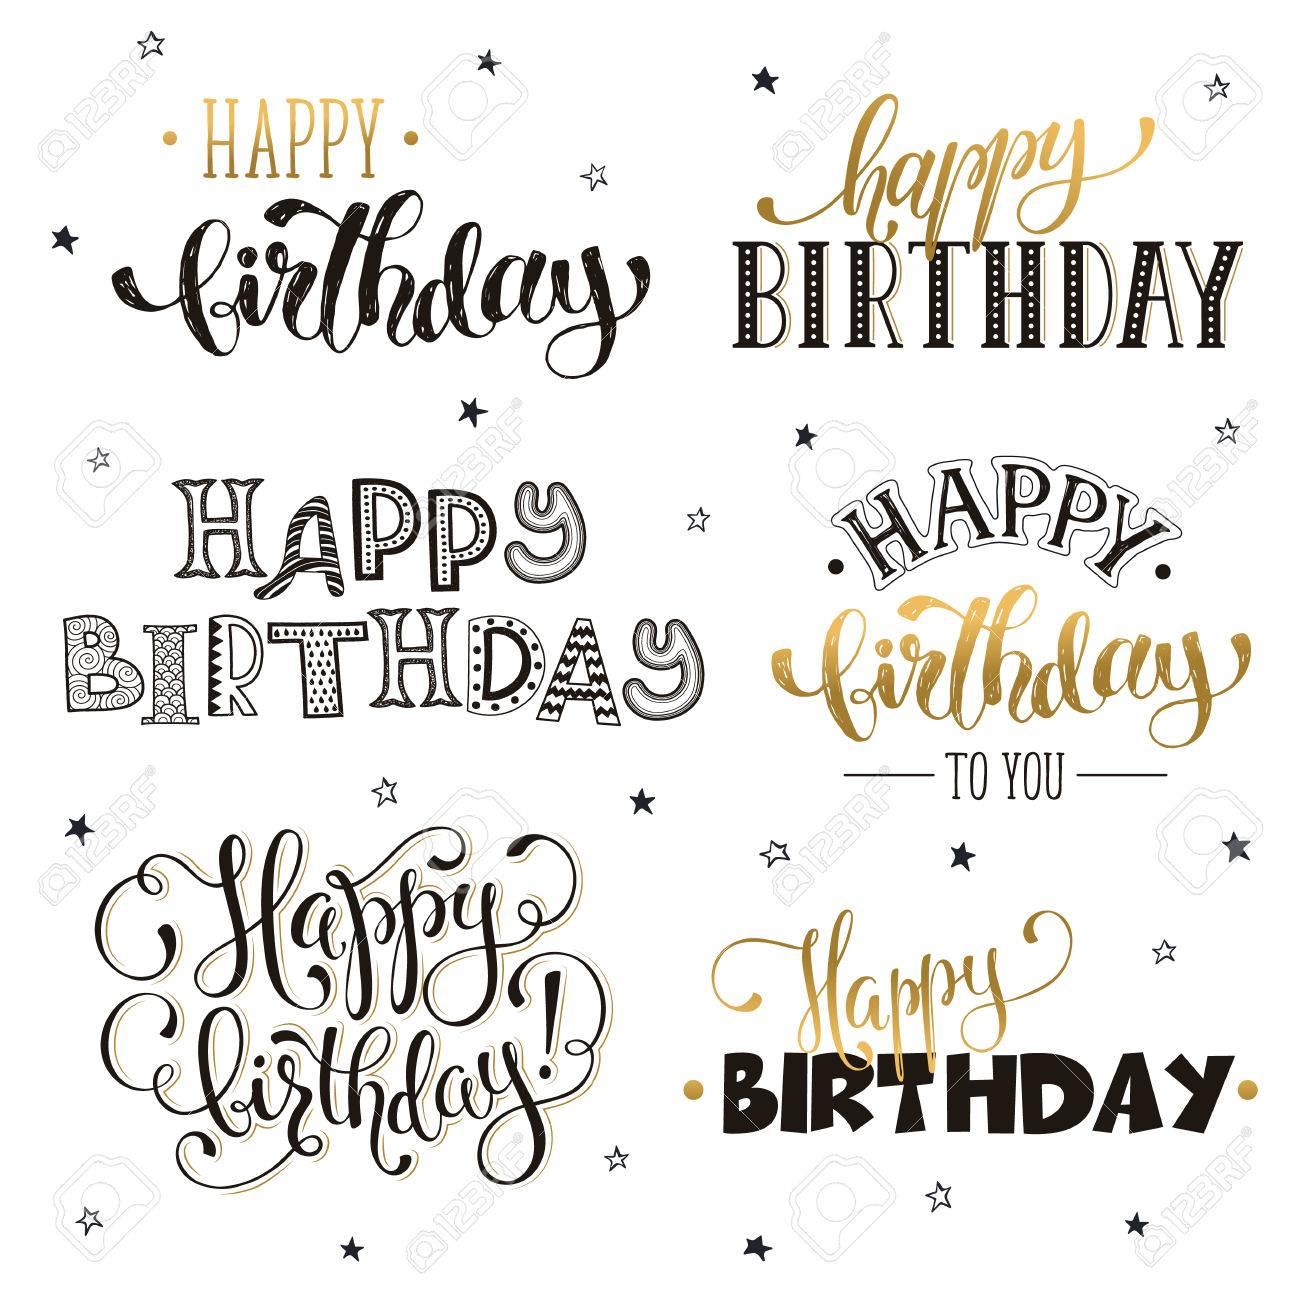 Tolle Alles Gute Zum Geburtstag Zertifikatvorlagen Fotos ...